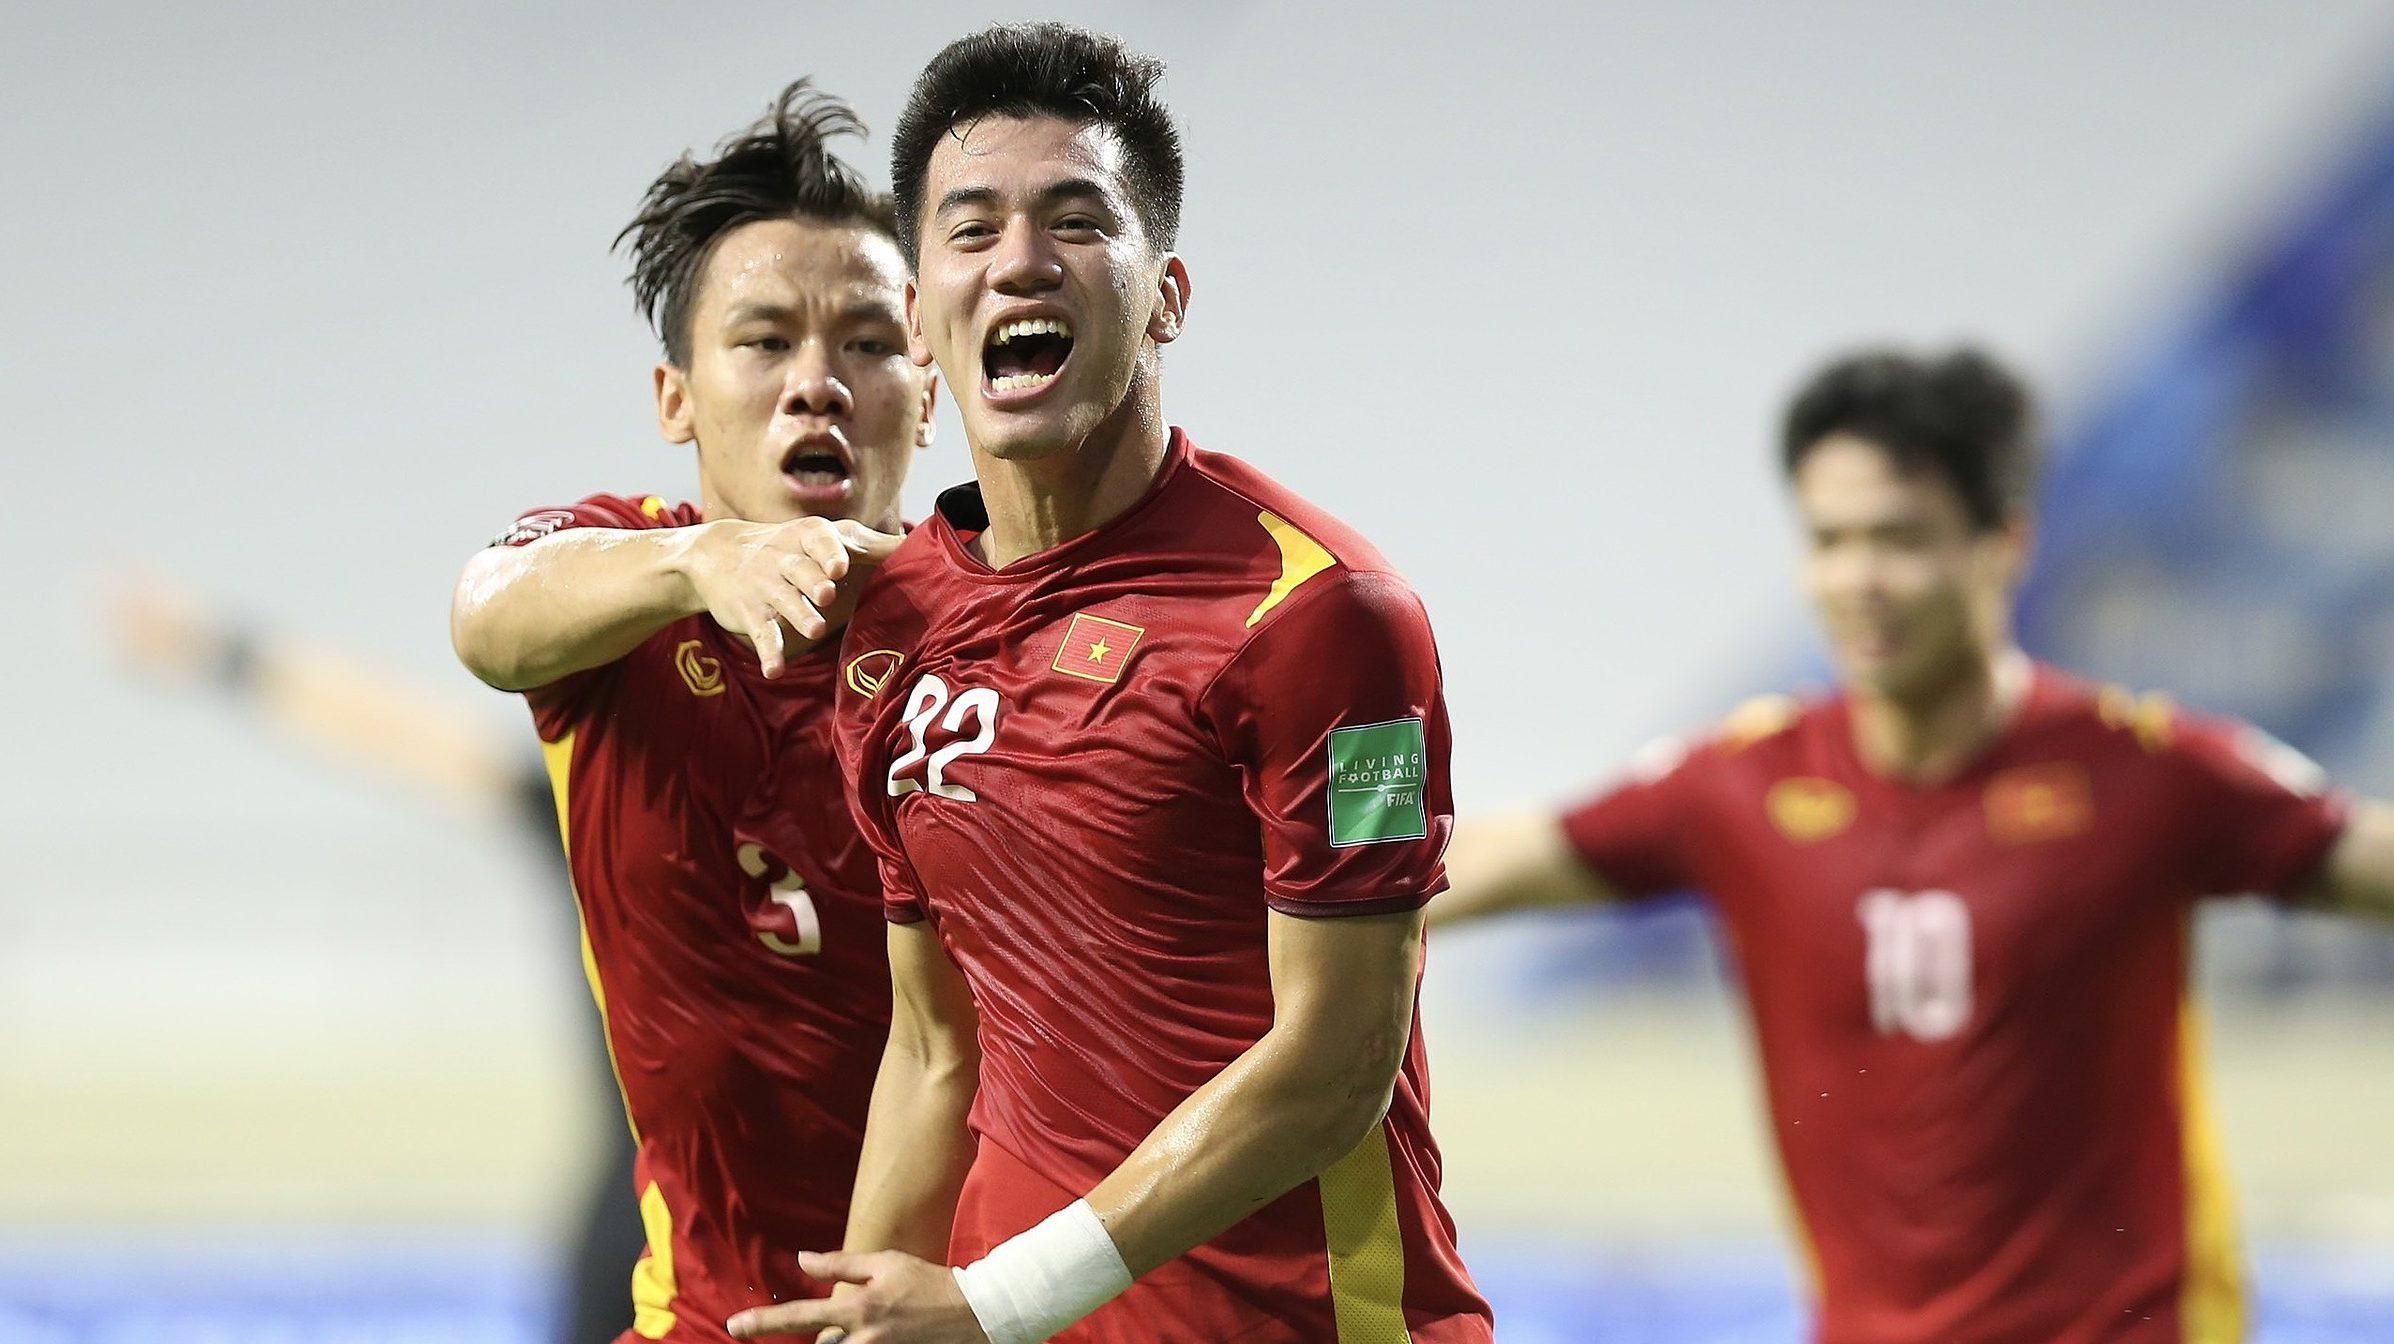 Đội tuyển Việt Nam sẽ thay đổi vị trí đáng kể trên bảng xếp hạng FIFA